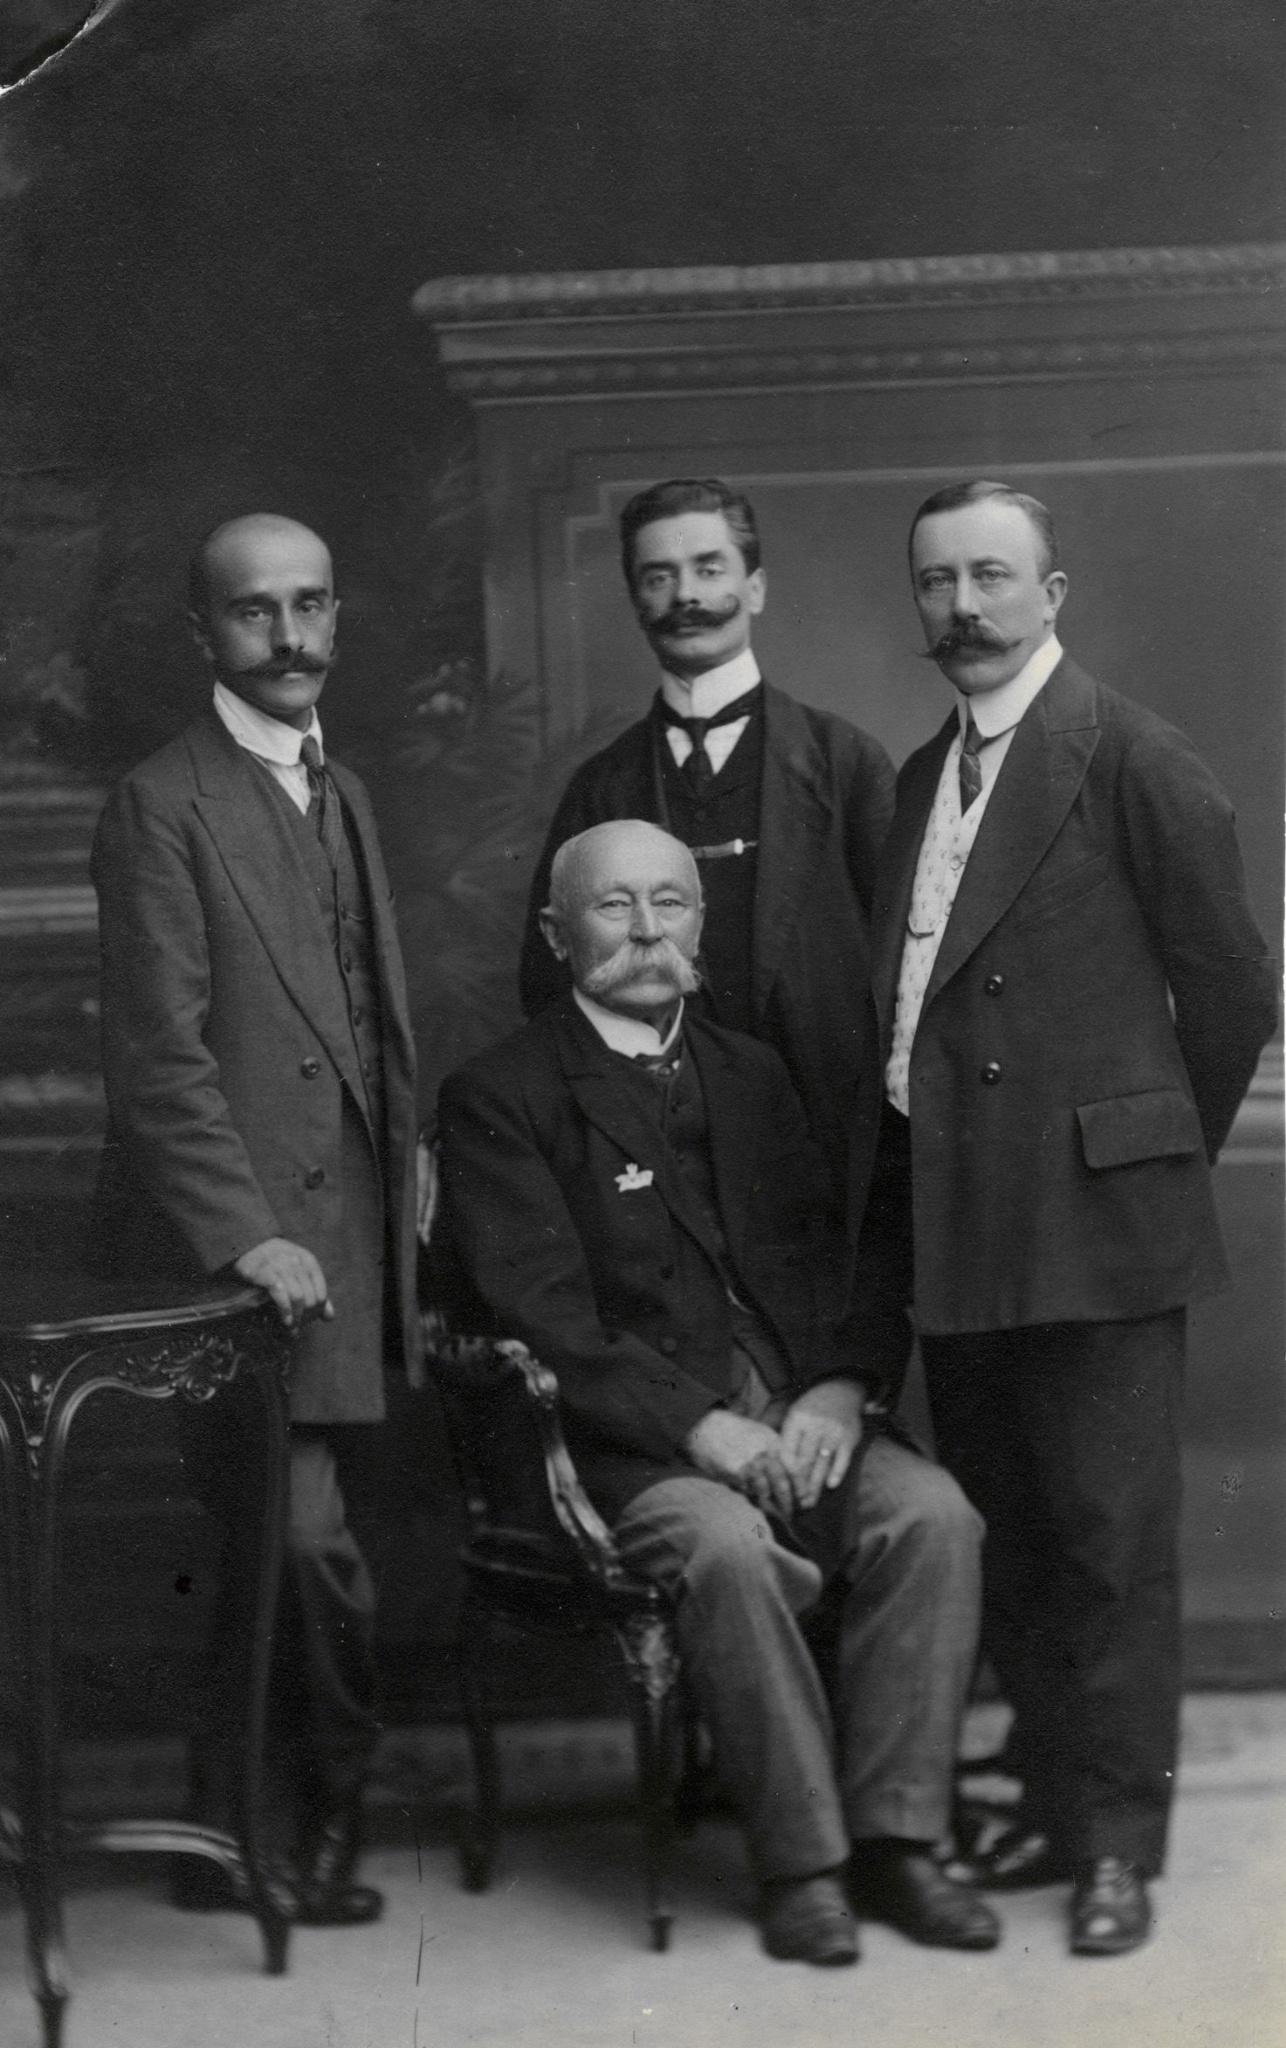 <div class='inner-box'><div class='close-desc'></div><span class='opis'>Ignacy Giedroyć (stoi w środku) - ojciec Jerzego Giedroycia, w towarzystwie trzech mężczyzn. zdjęcie z lat 1900-1920</span><div class='clearfix'></div><span>Sygn. FIL03456</span><div class='clearfix'></div><span>&copy; Instytut Literacki</span></div>